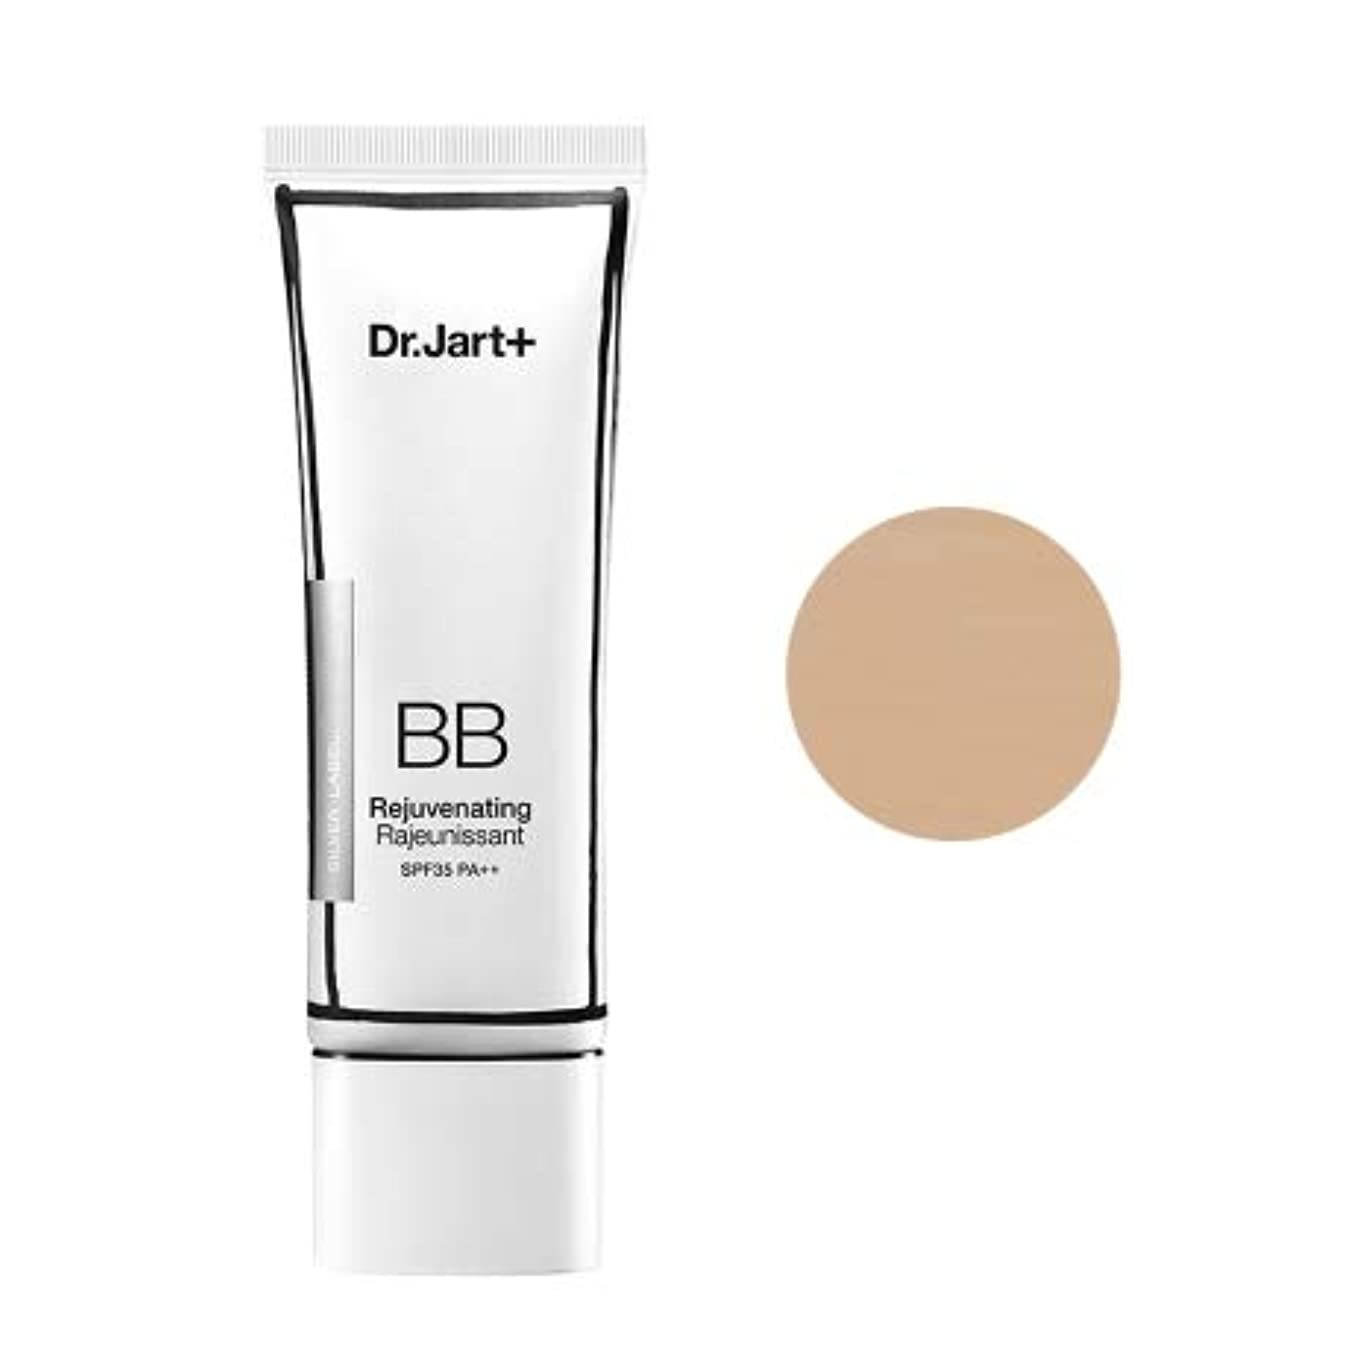 ペレットメーター分[Upgrade] Dr.Jart+Dermakeup Rejuvenating Beauty Balm SPF35 PA++ 50ml /ドクタージャルトゥザメーキャップリージュビネイティンビューティーバーム SPF35...